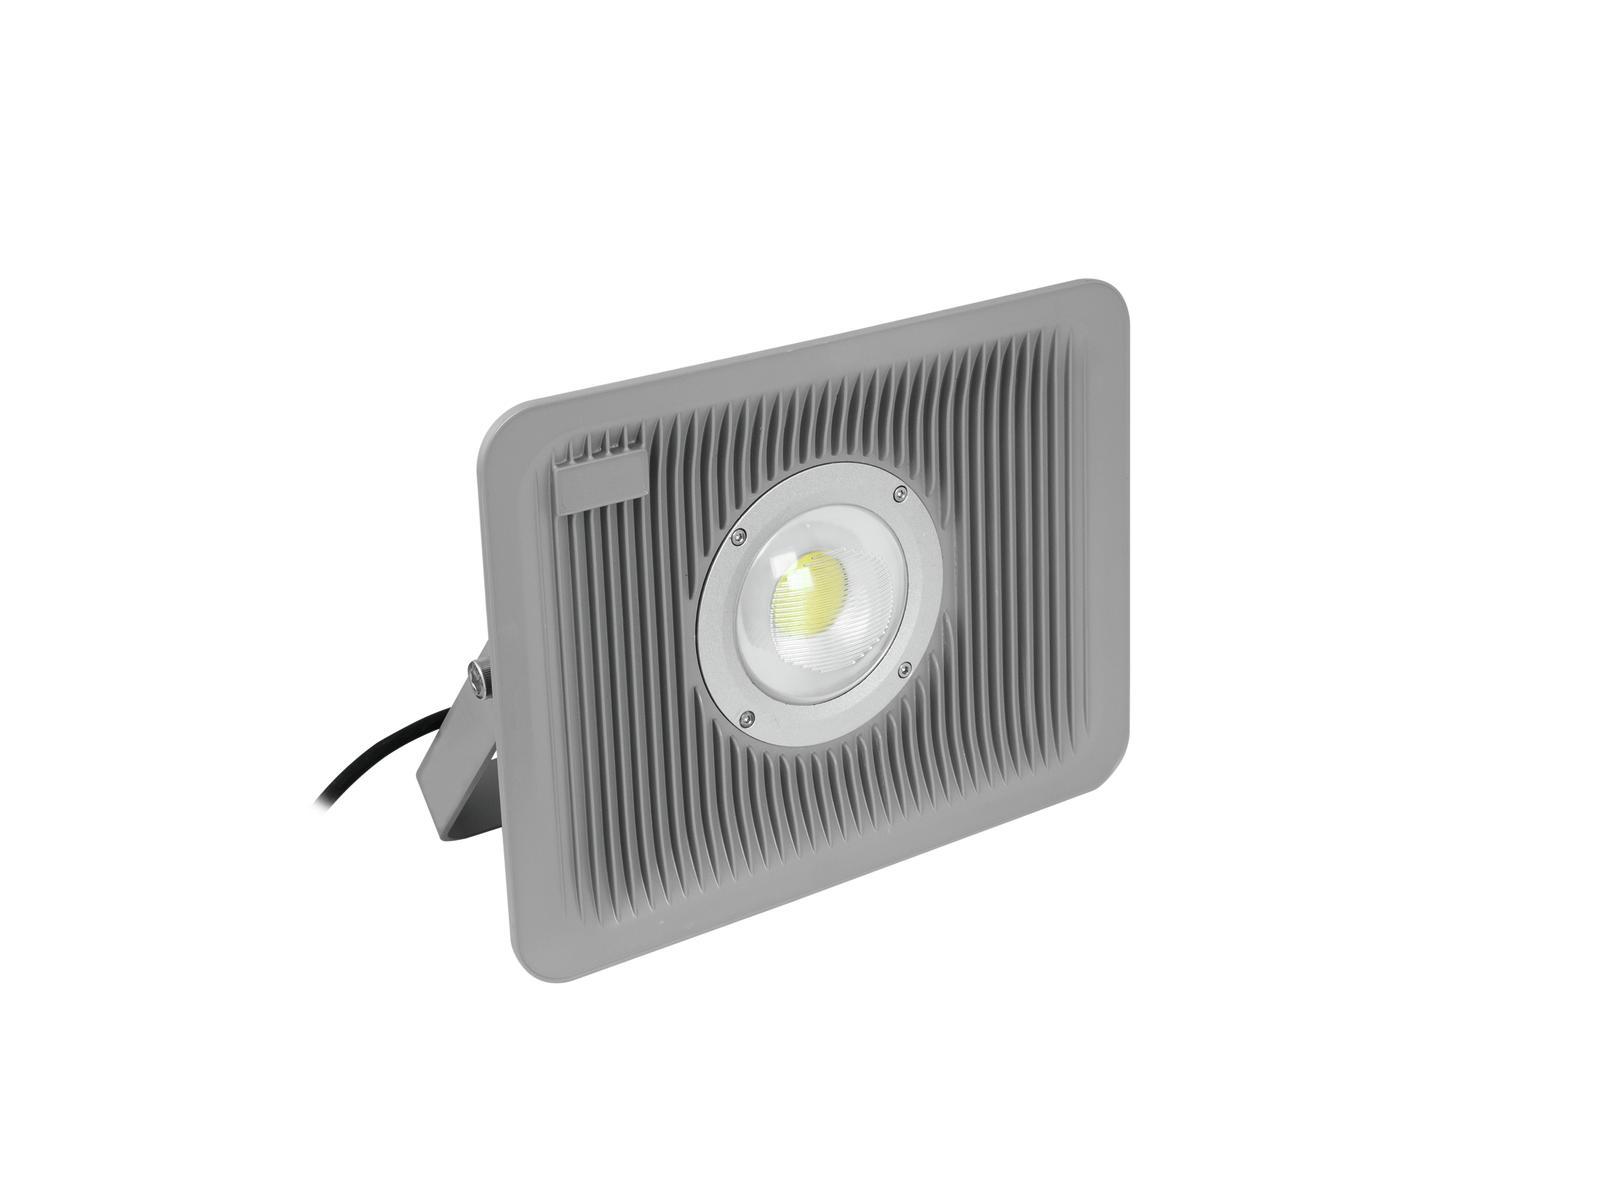 EUROLITE LED IP FL-80 COB 3000K 120° SLIM